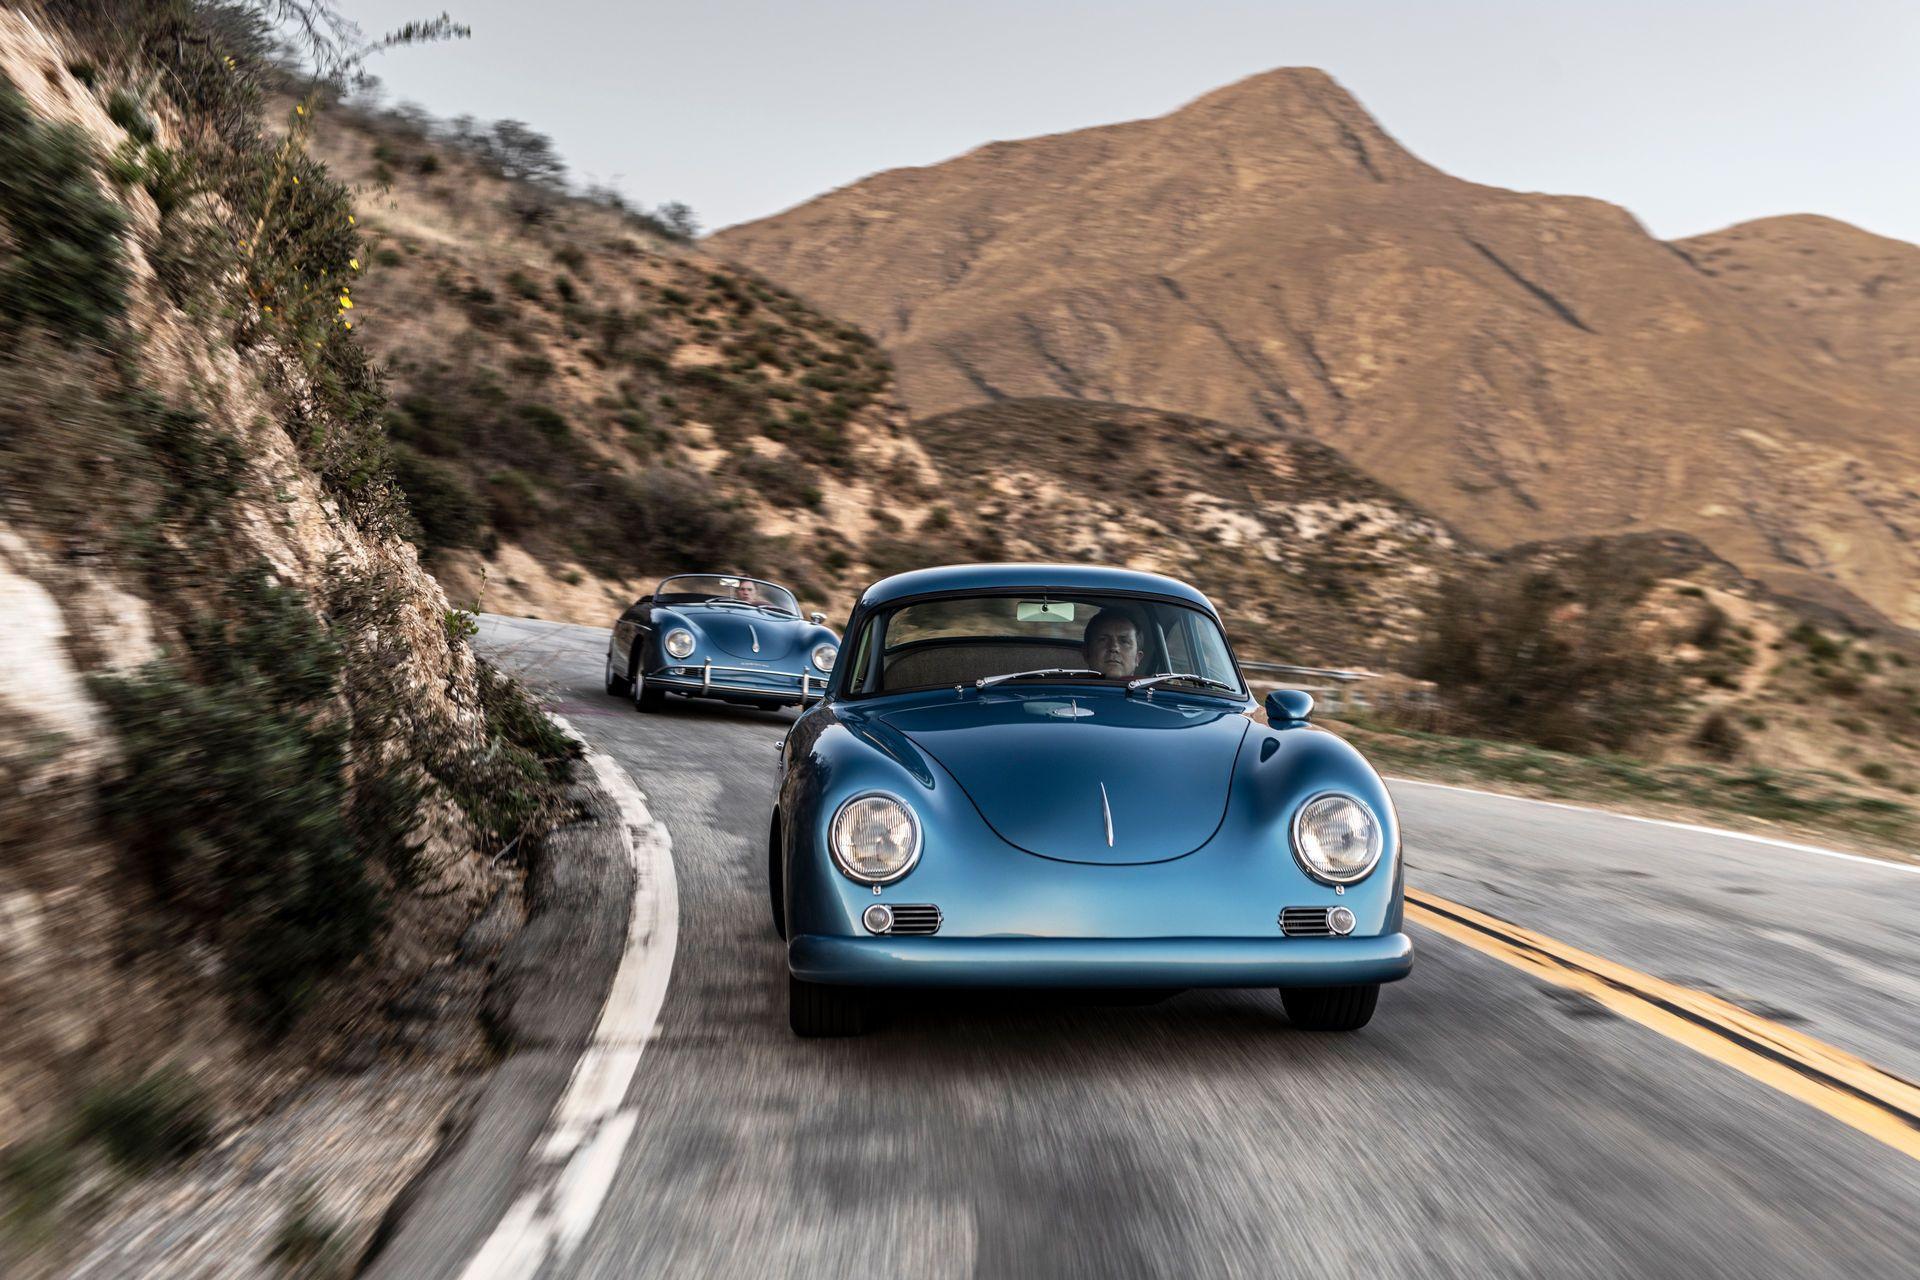 Porsche-356-A-Coupe-Restomod-Emory-Motorsports-25